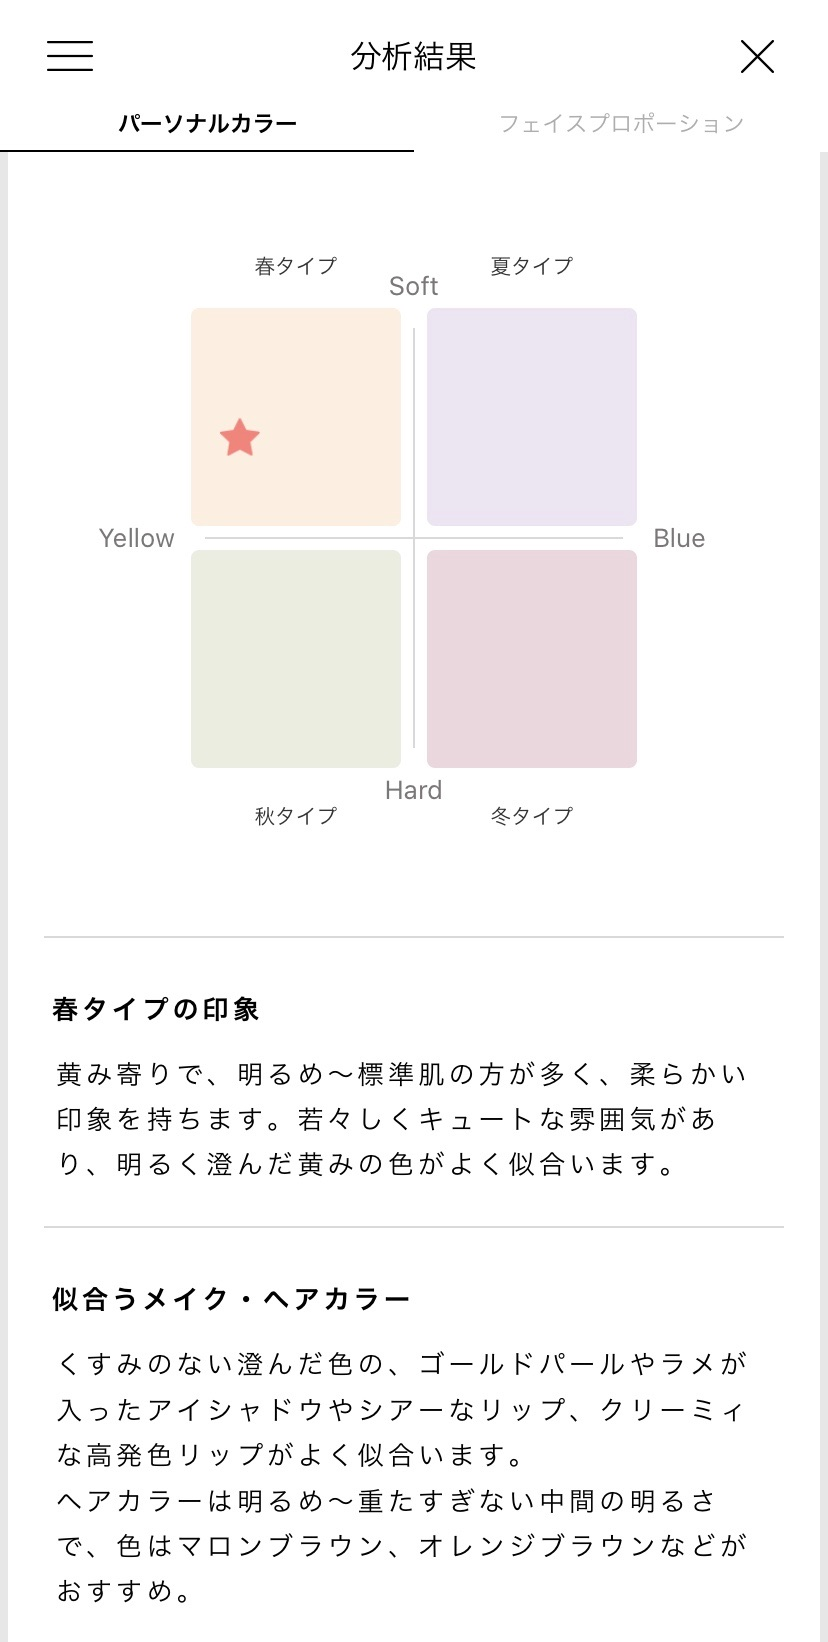 f:id:yusansan1209:20200627233327j:plain